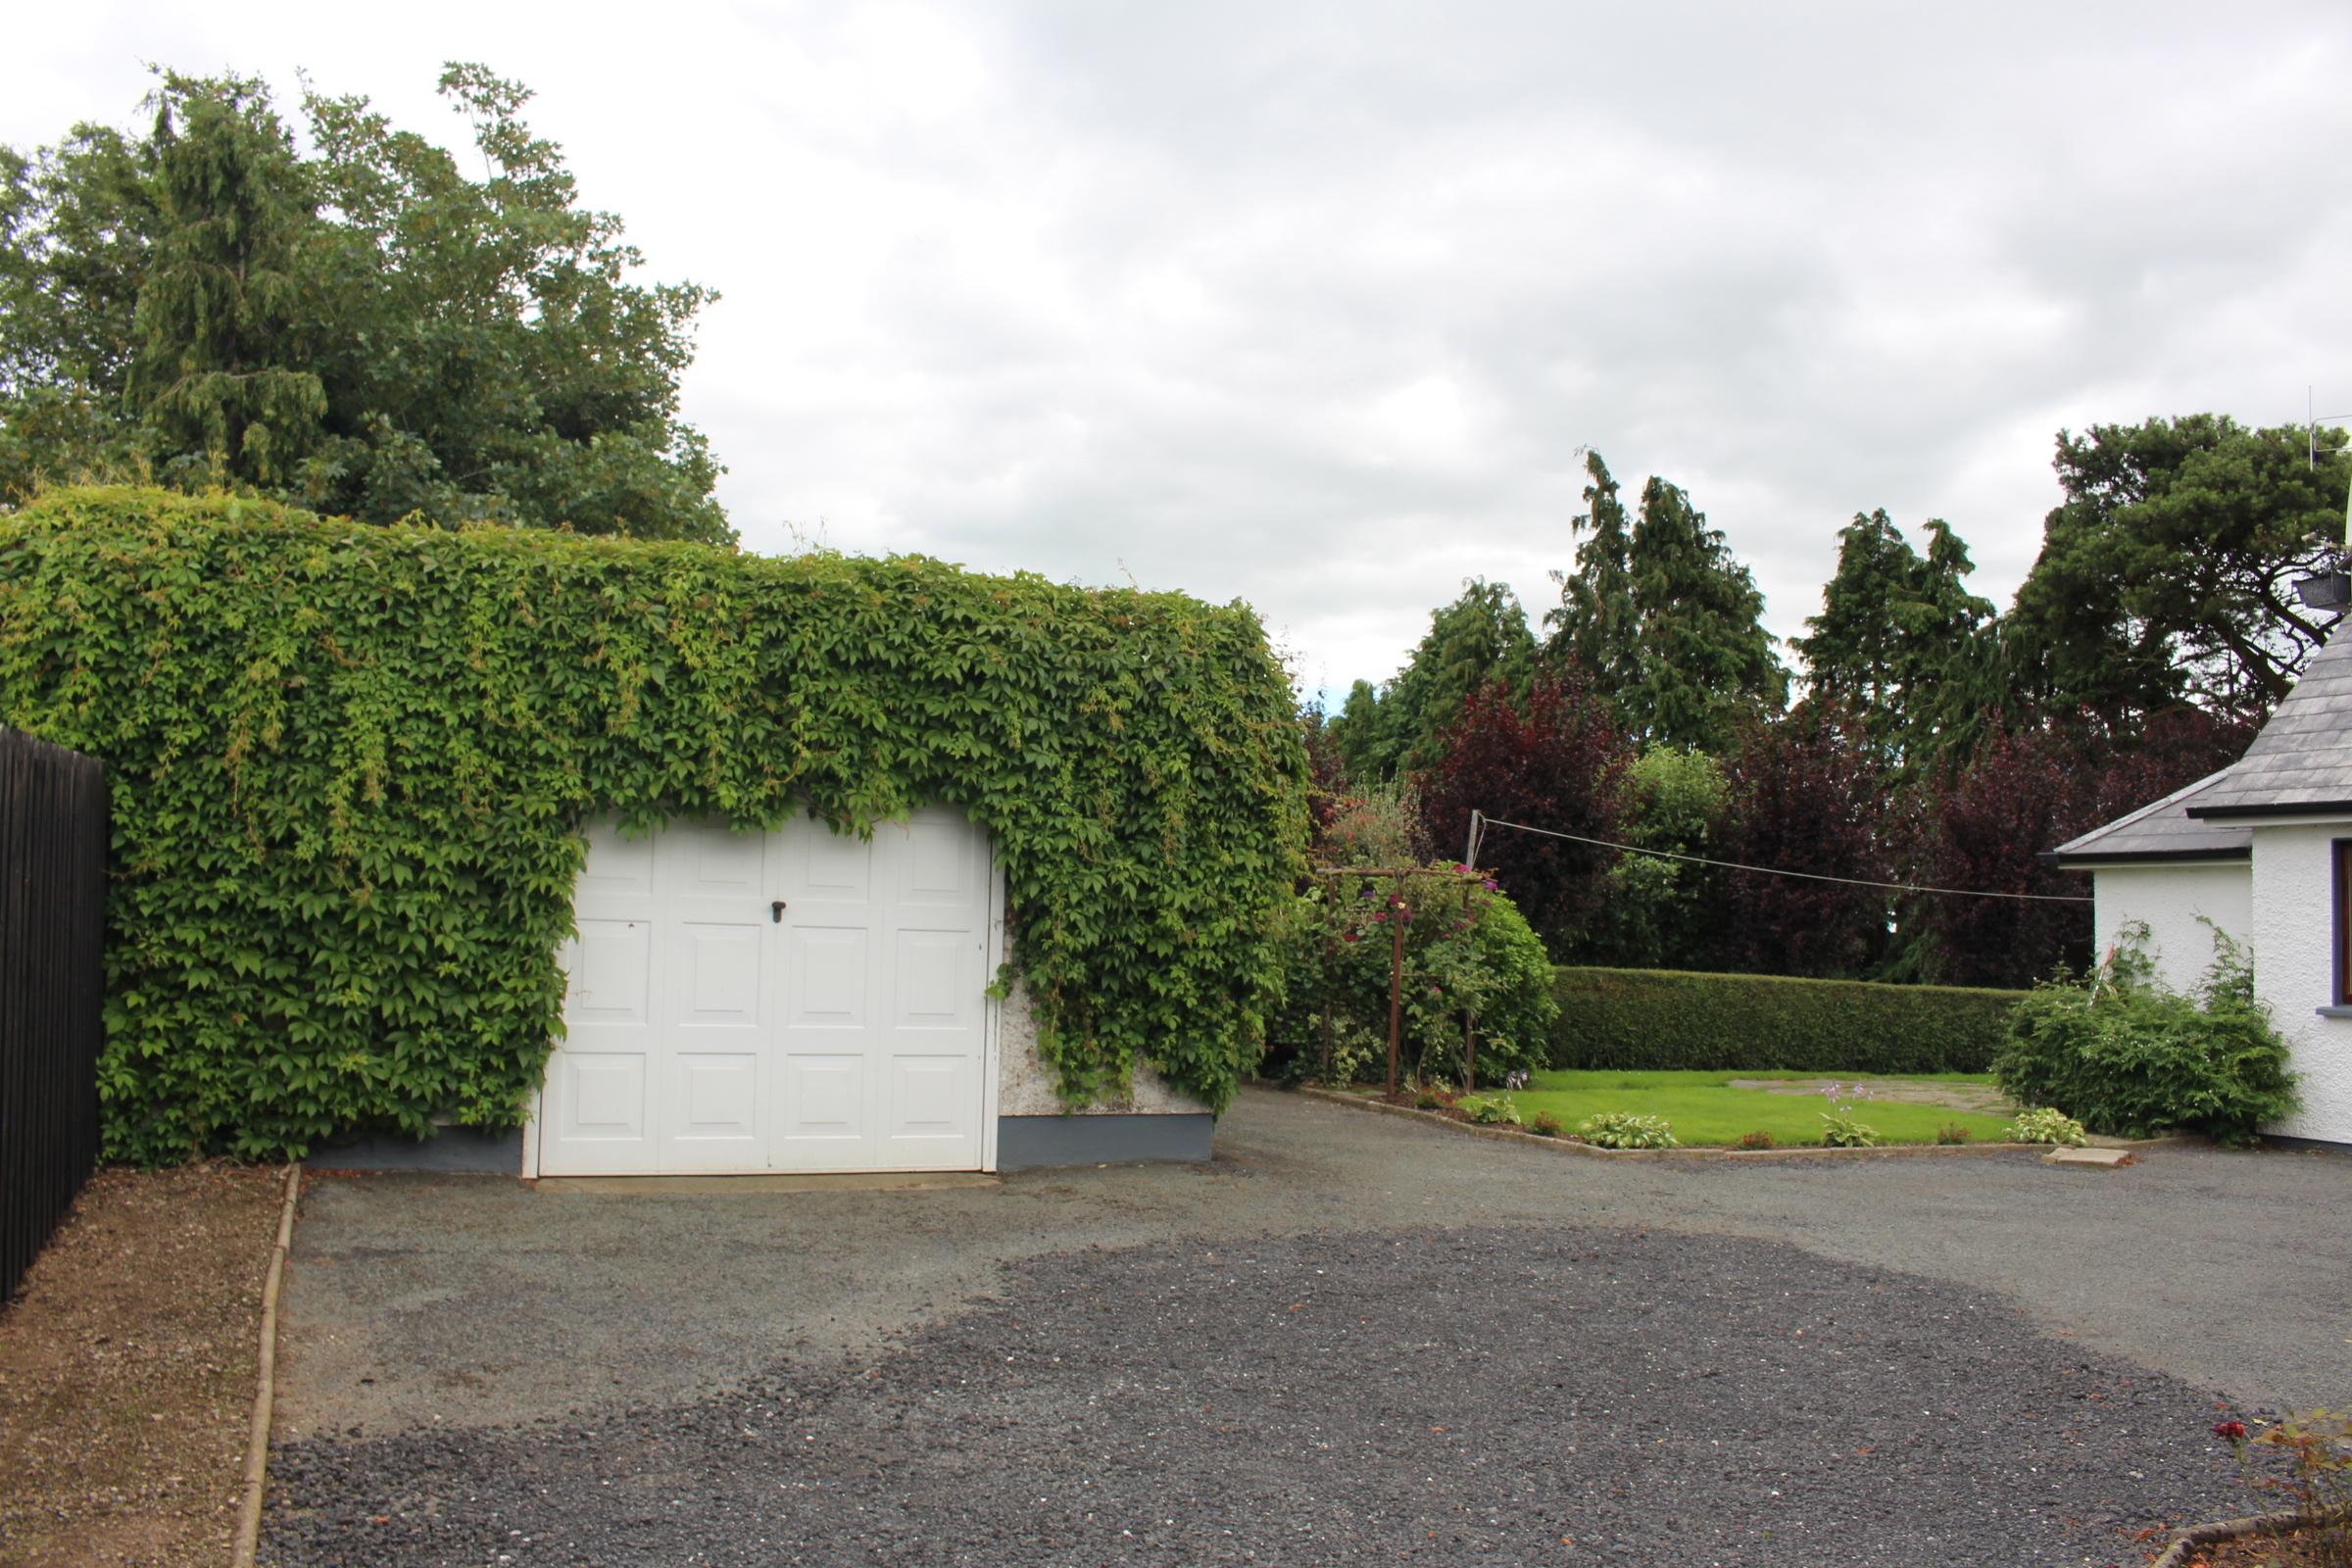 1 Moneycross Upper, Gorey, Co. Wexford